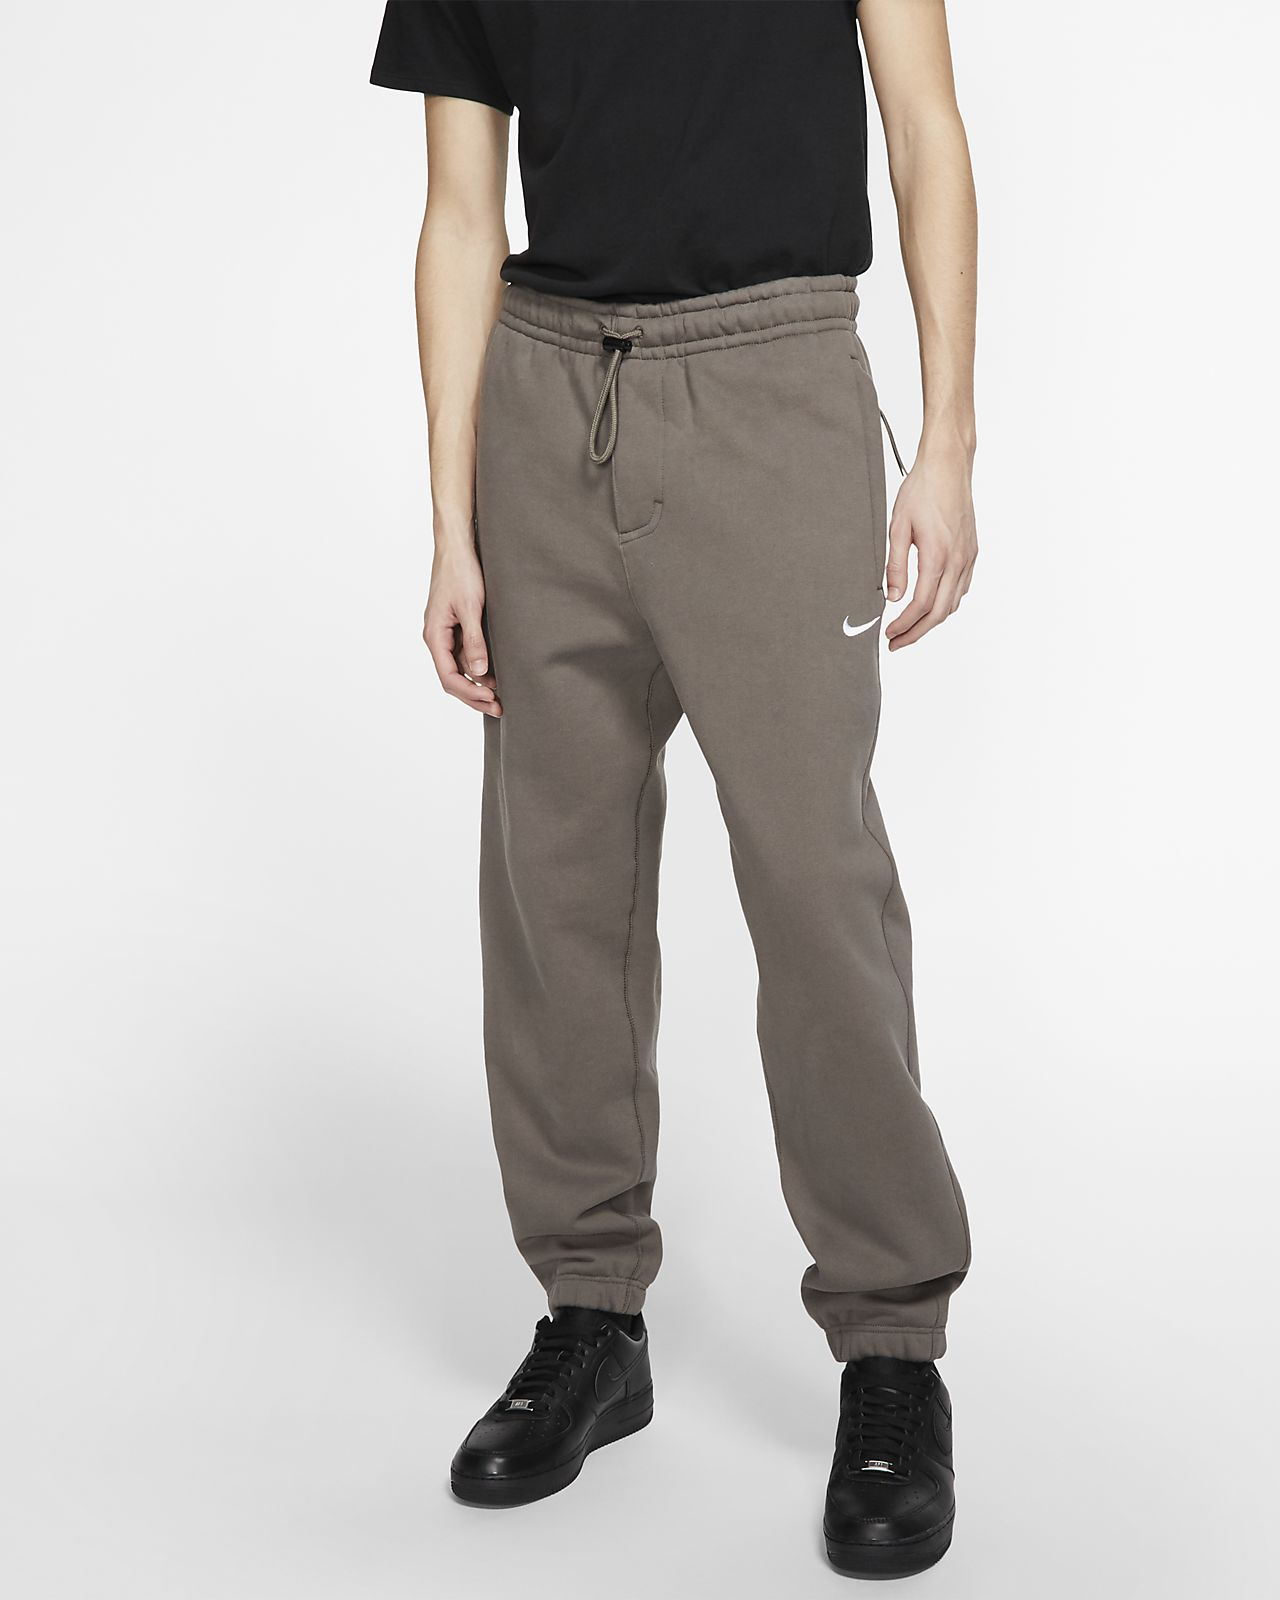 Calças de lã cardada NikeLab Collection para homem